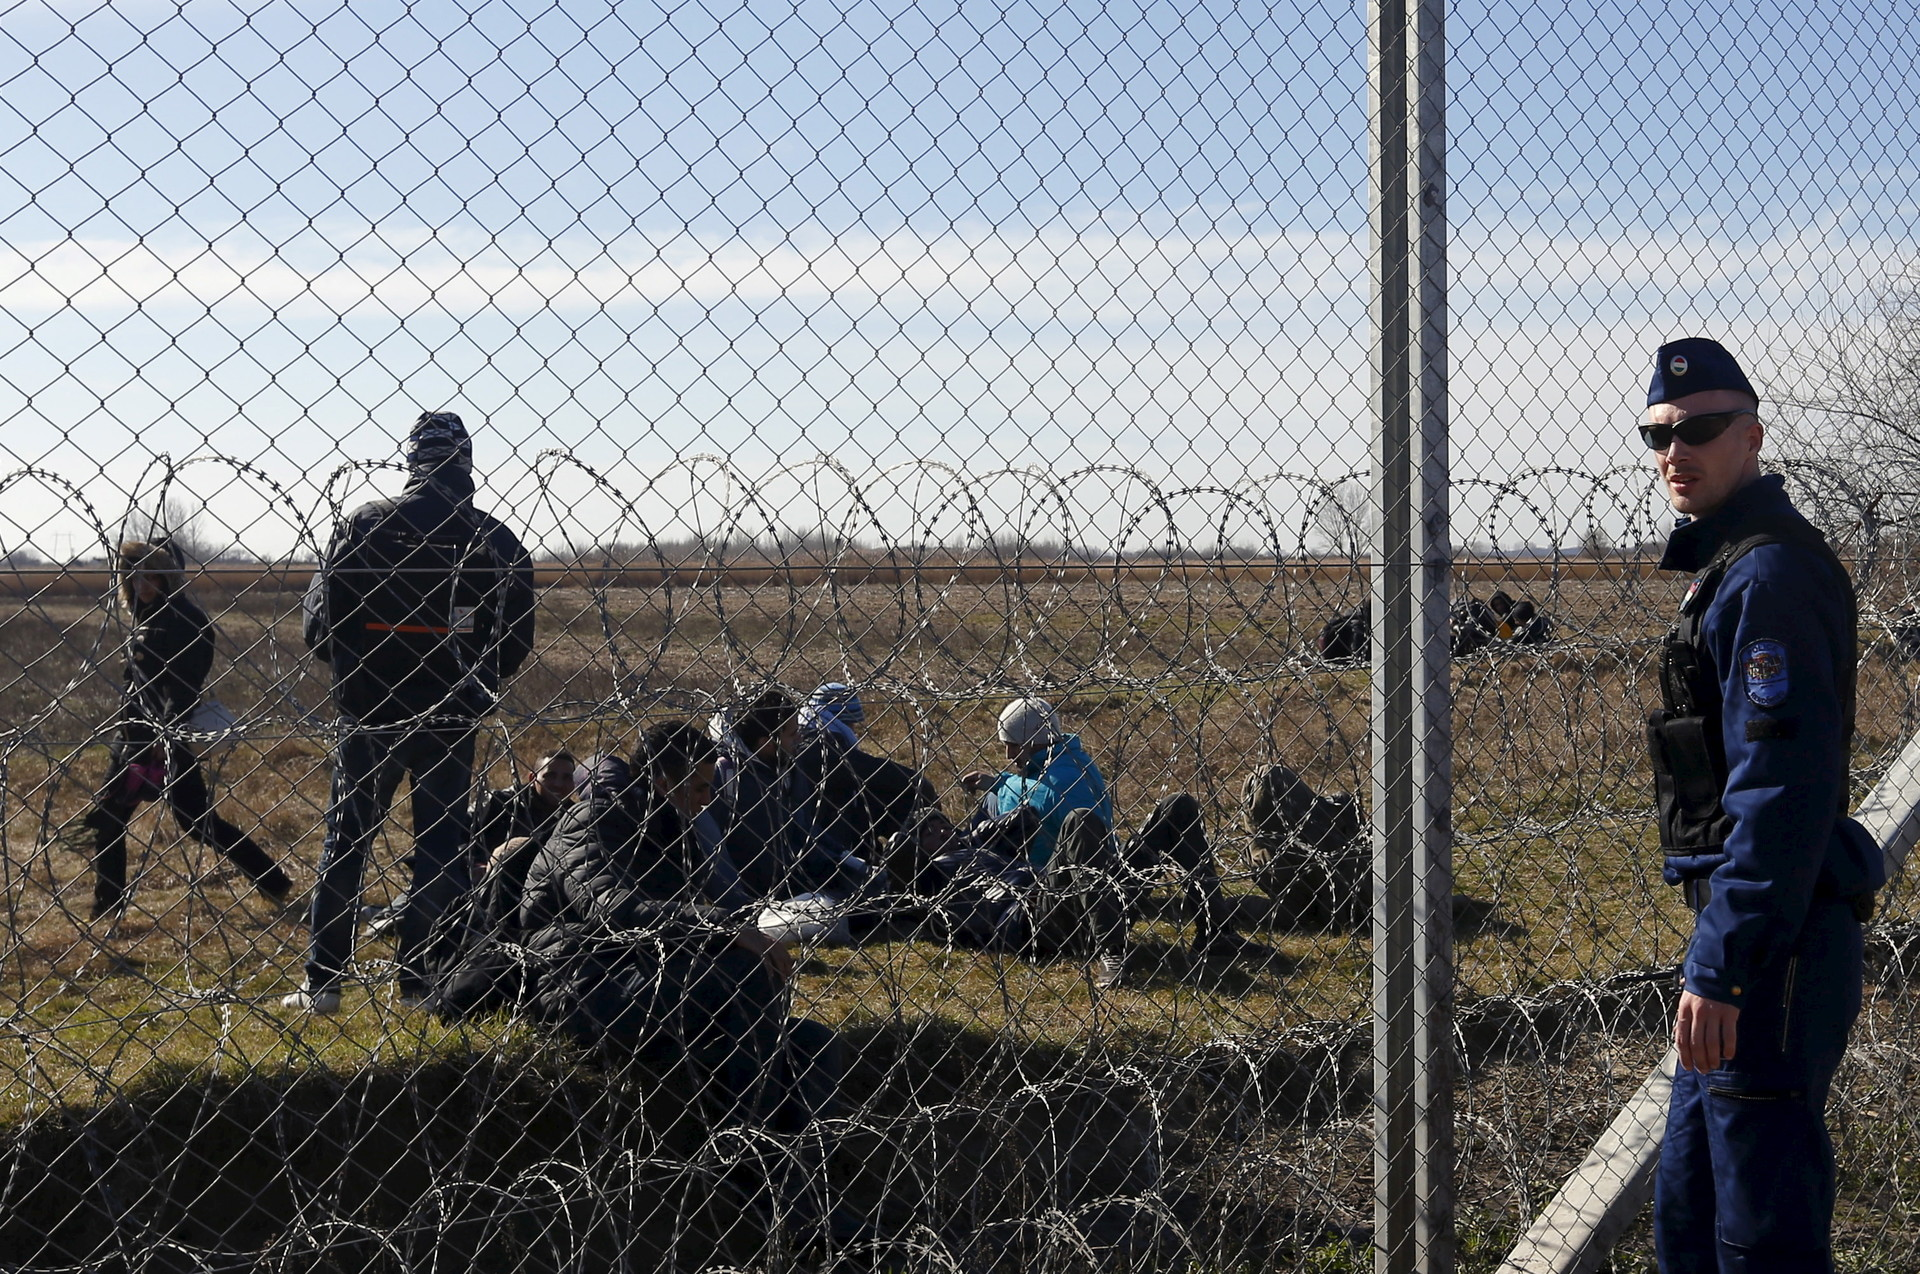 Un policía húngaro y un grupo de refugiados cerca de una valla en la frontera serbio-húngara en Morahalom, Hungría, 22 de febrero de 2016